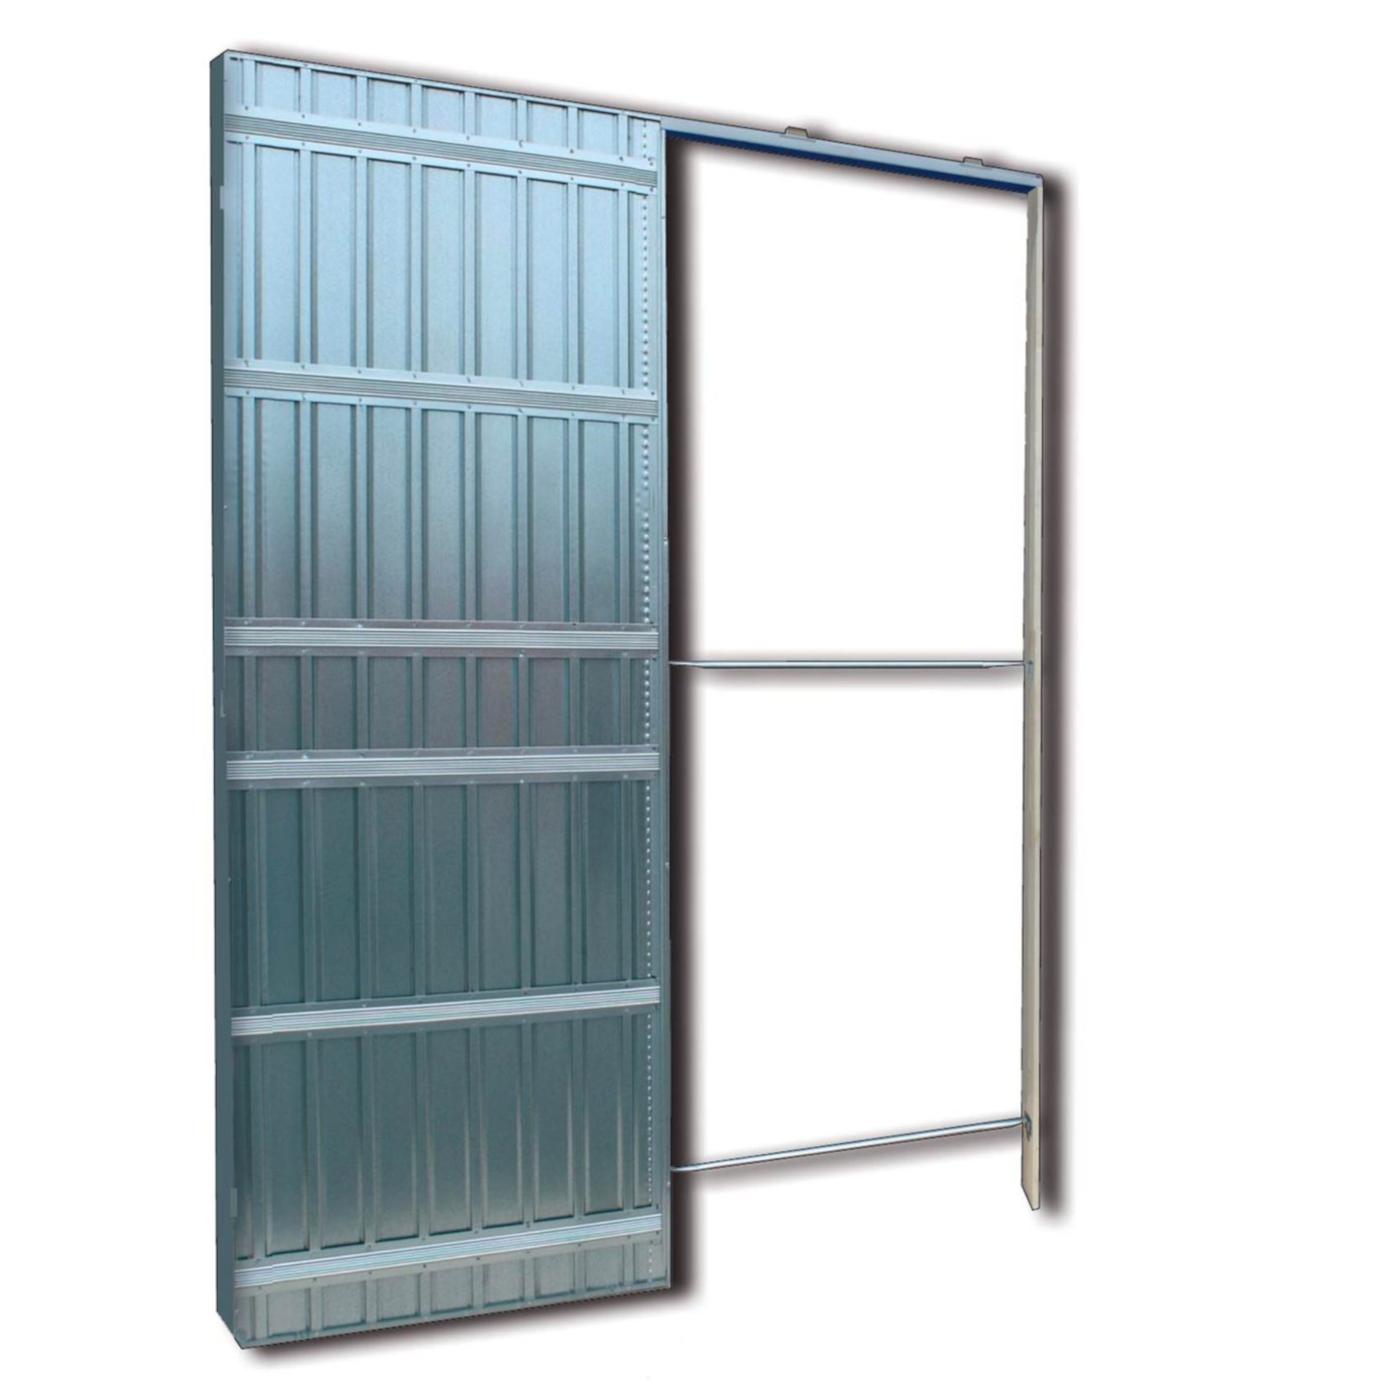 Scrignotech Doortech By Scrigno Controtelaio Per Porte Scorrevoli Misure Standard Cartongesso Gruppo Edile S R L